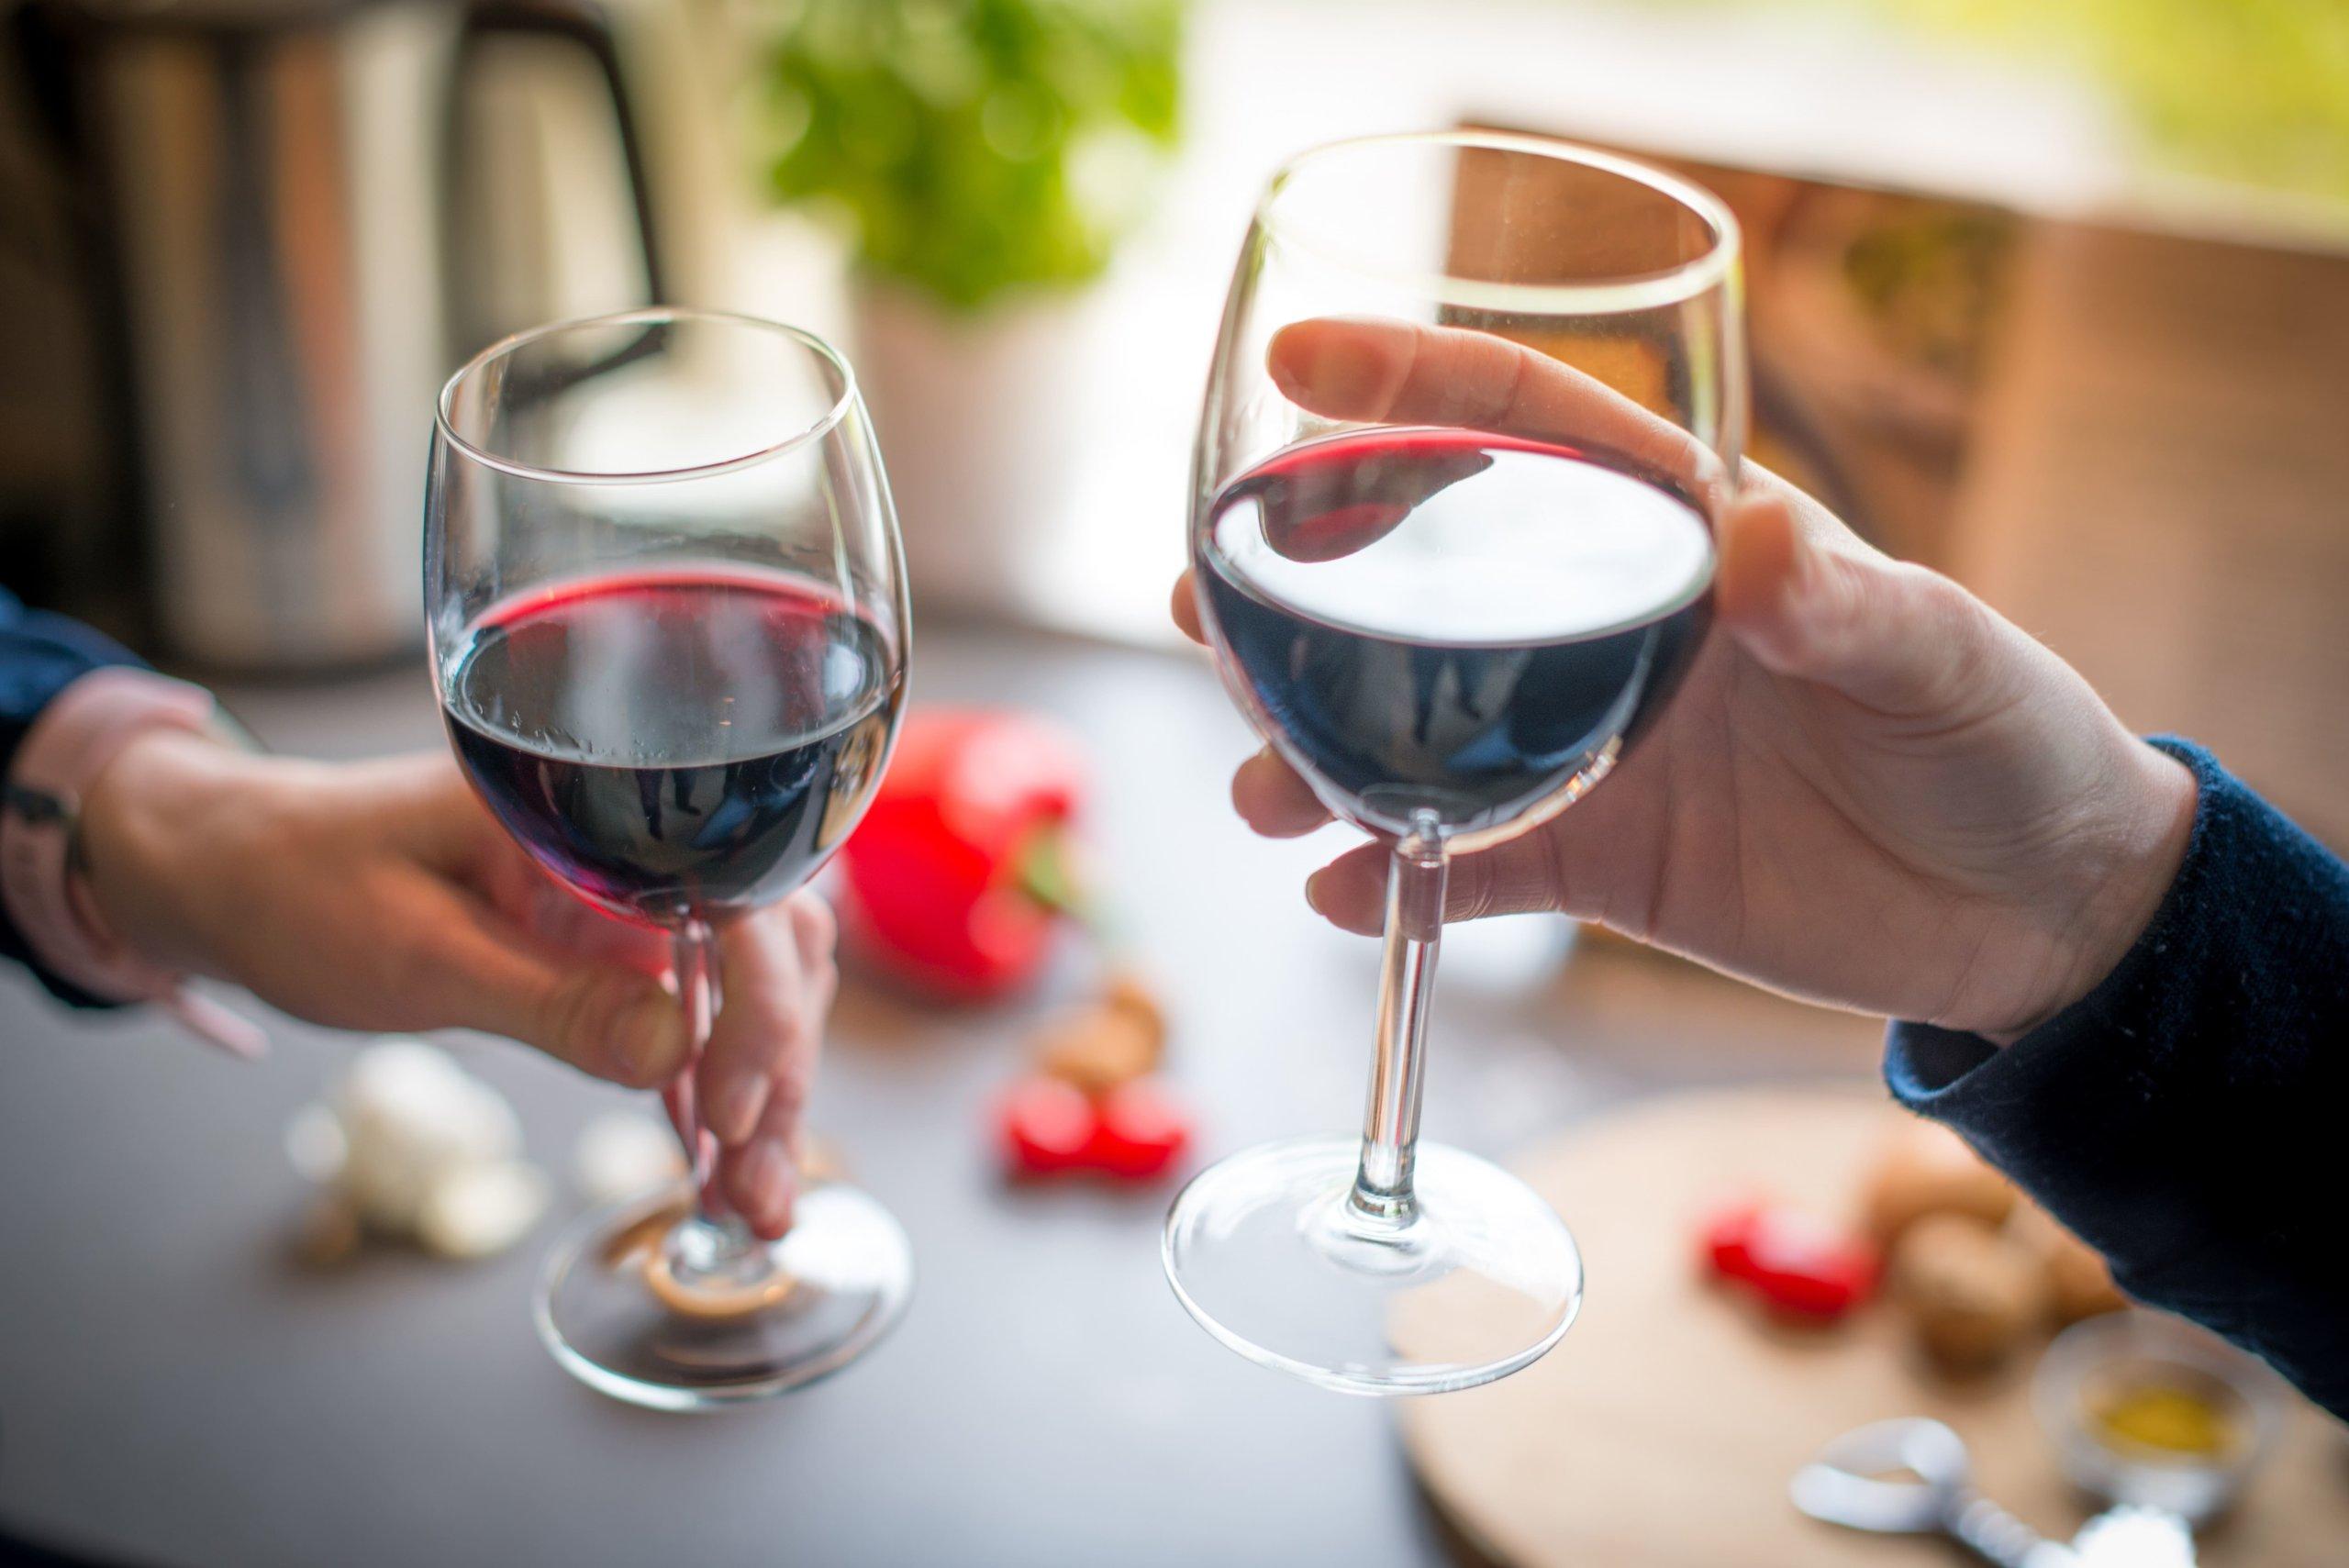 赤ワインで乾杯する場面